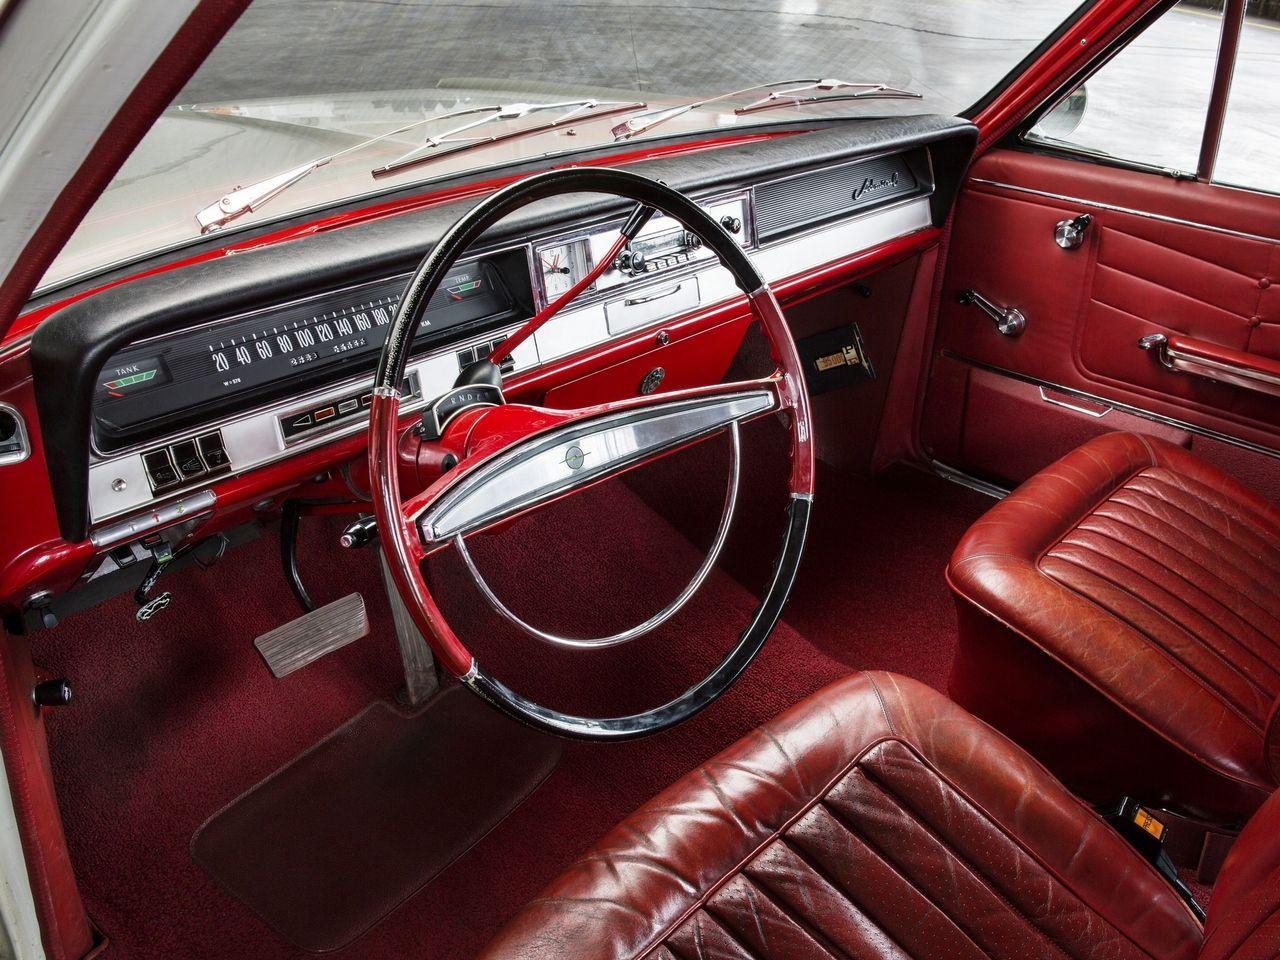 1964 Opel Admiral Mit Bildern Autos Und Motorrader Klassische